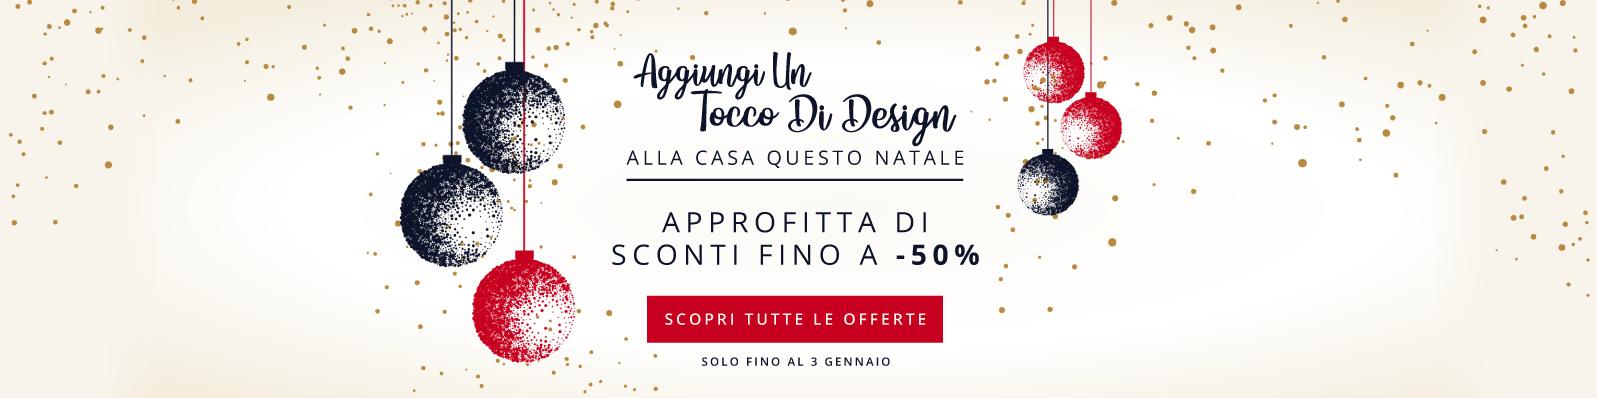 Aggiungi Un Tocco Di Design Alla Casa Questo Natale Approfitta Di Sconti Fino a -50% Solo Fino Al 3 Gennaio